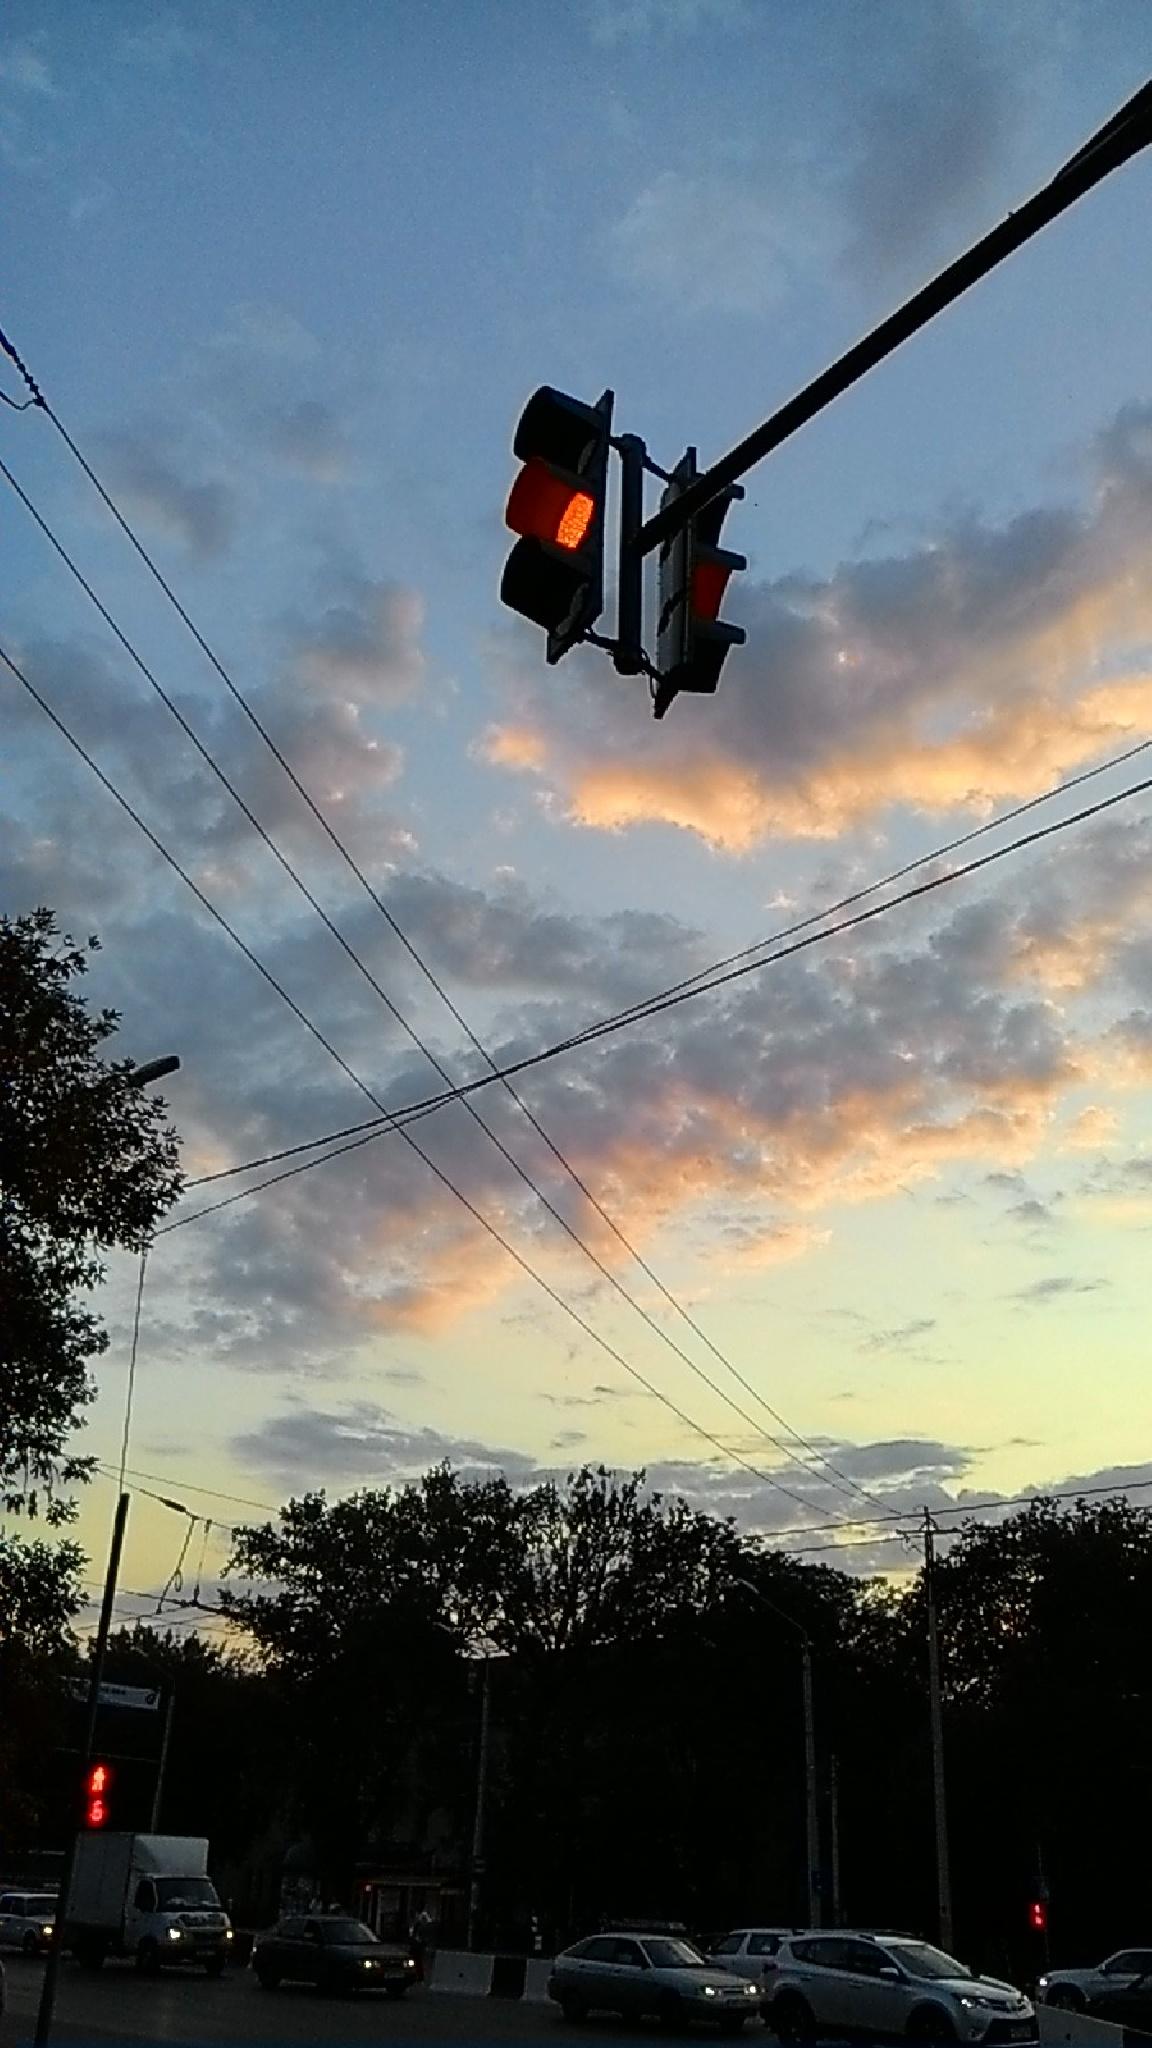 Evening lights by manuta